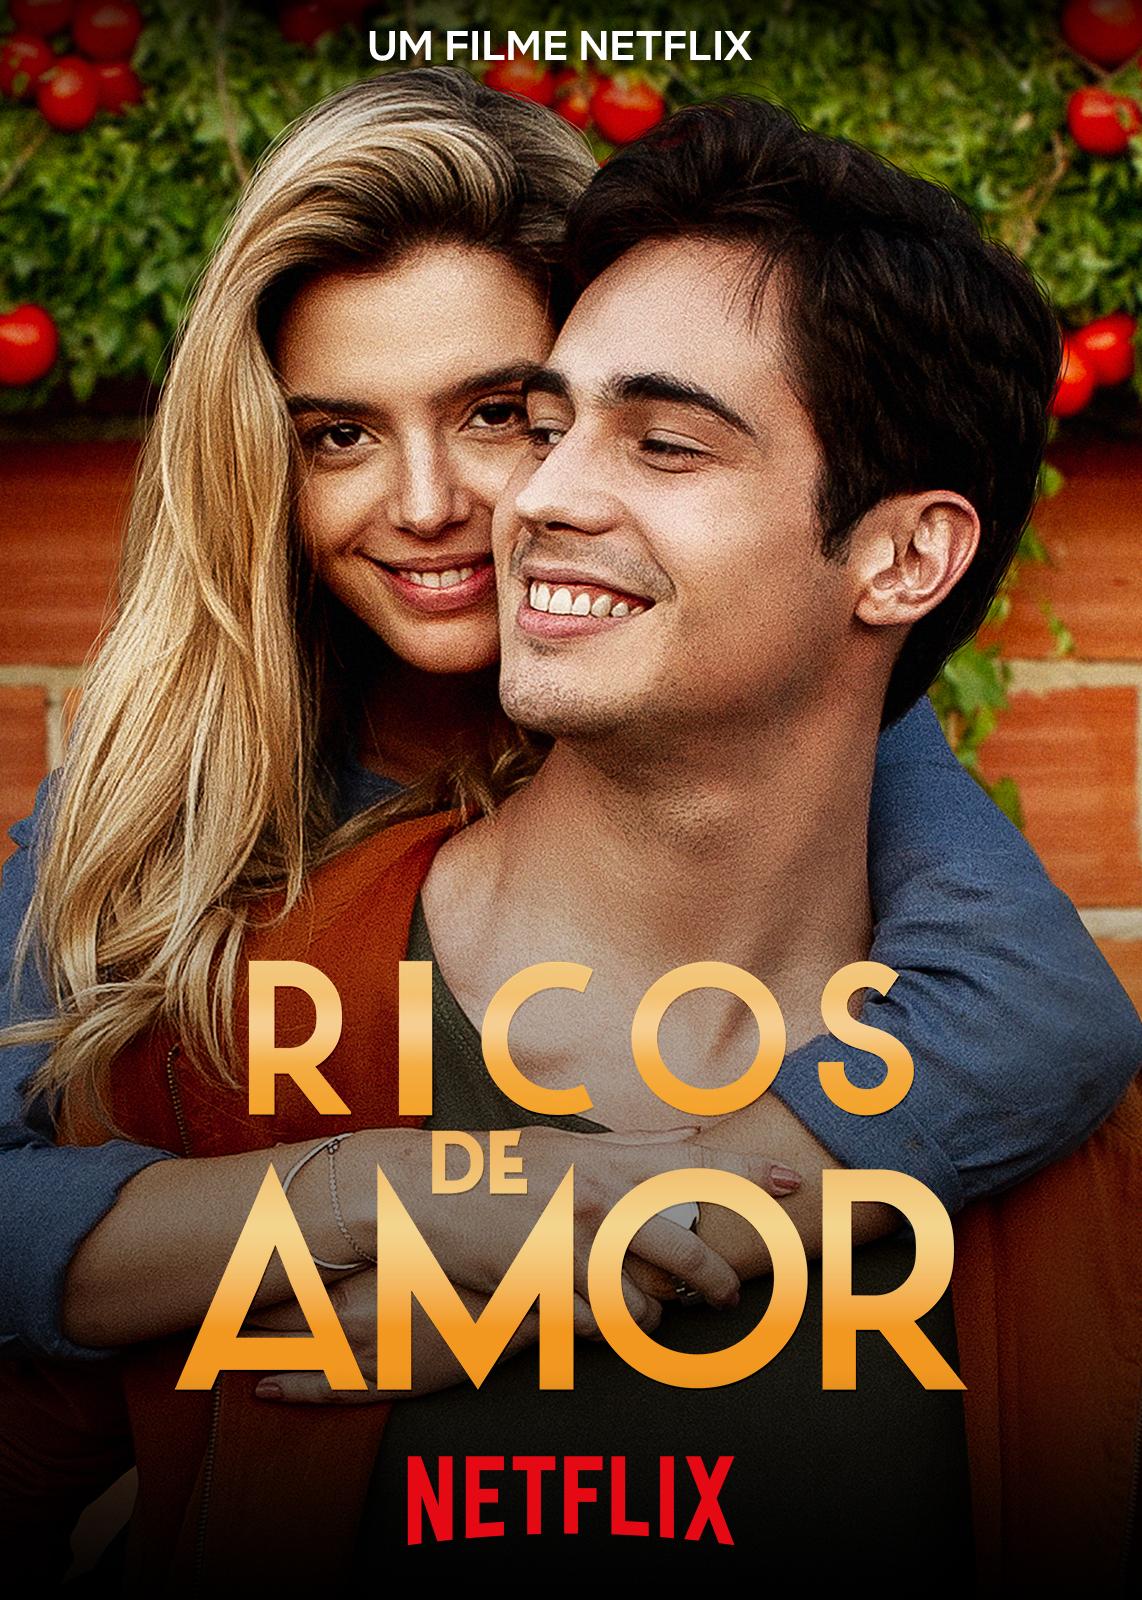 About Netflix Protagonizada Por Giovanna Lancellotti Y Danilo Mesquita Ricos De Amor Ya Tiene Un Tráiler Oficial Y Arte Gráfico